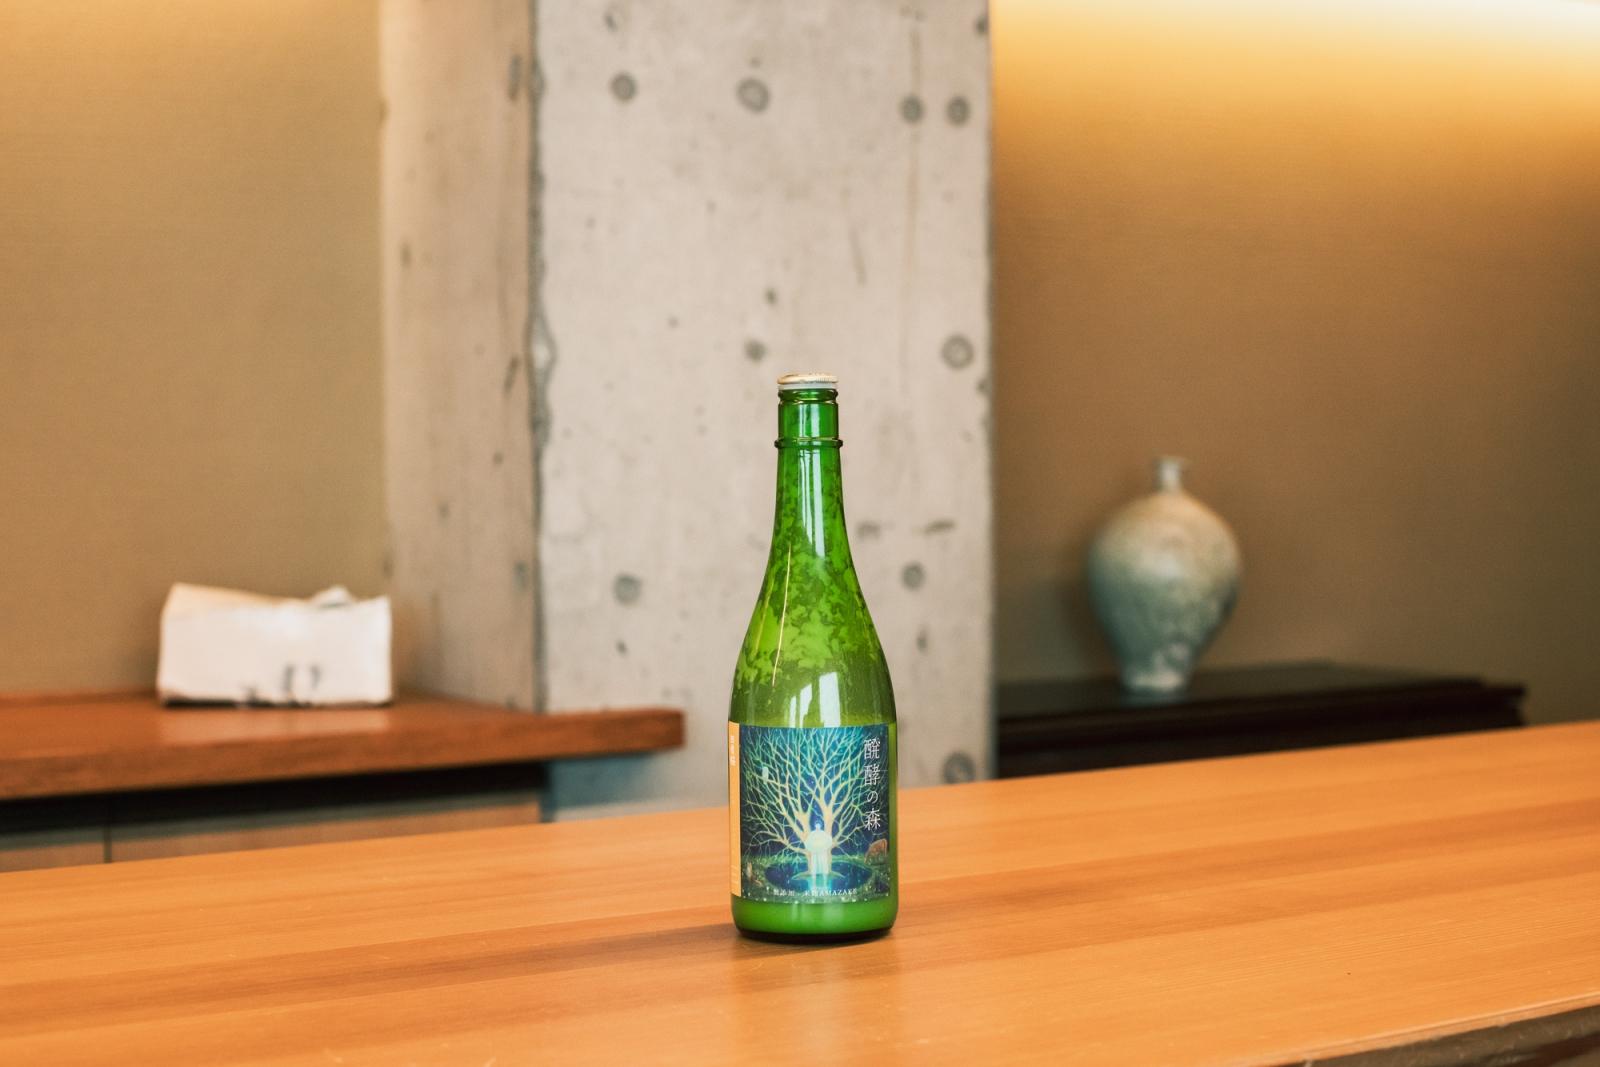 シリーズ「酒とカカオと」Vol.4 ふしきの 武田幸大さん 日本酒は懐深い酒であり、世界に伝えたい文化。チョコレートペアリングは新しい挑戦だった。